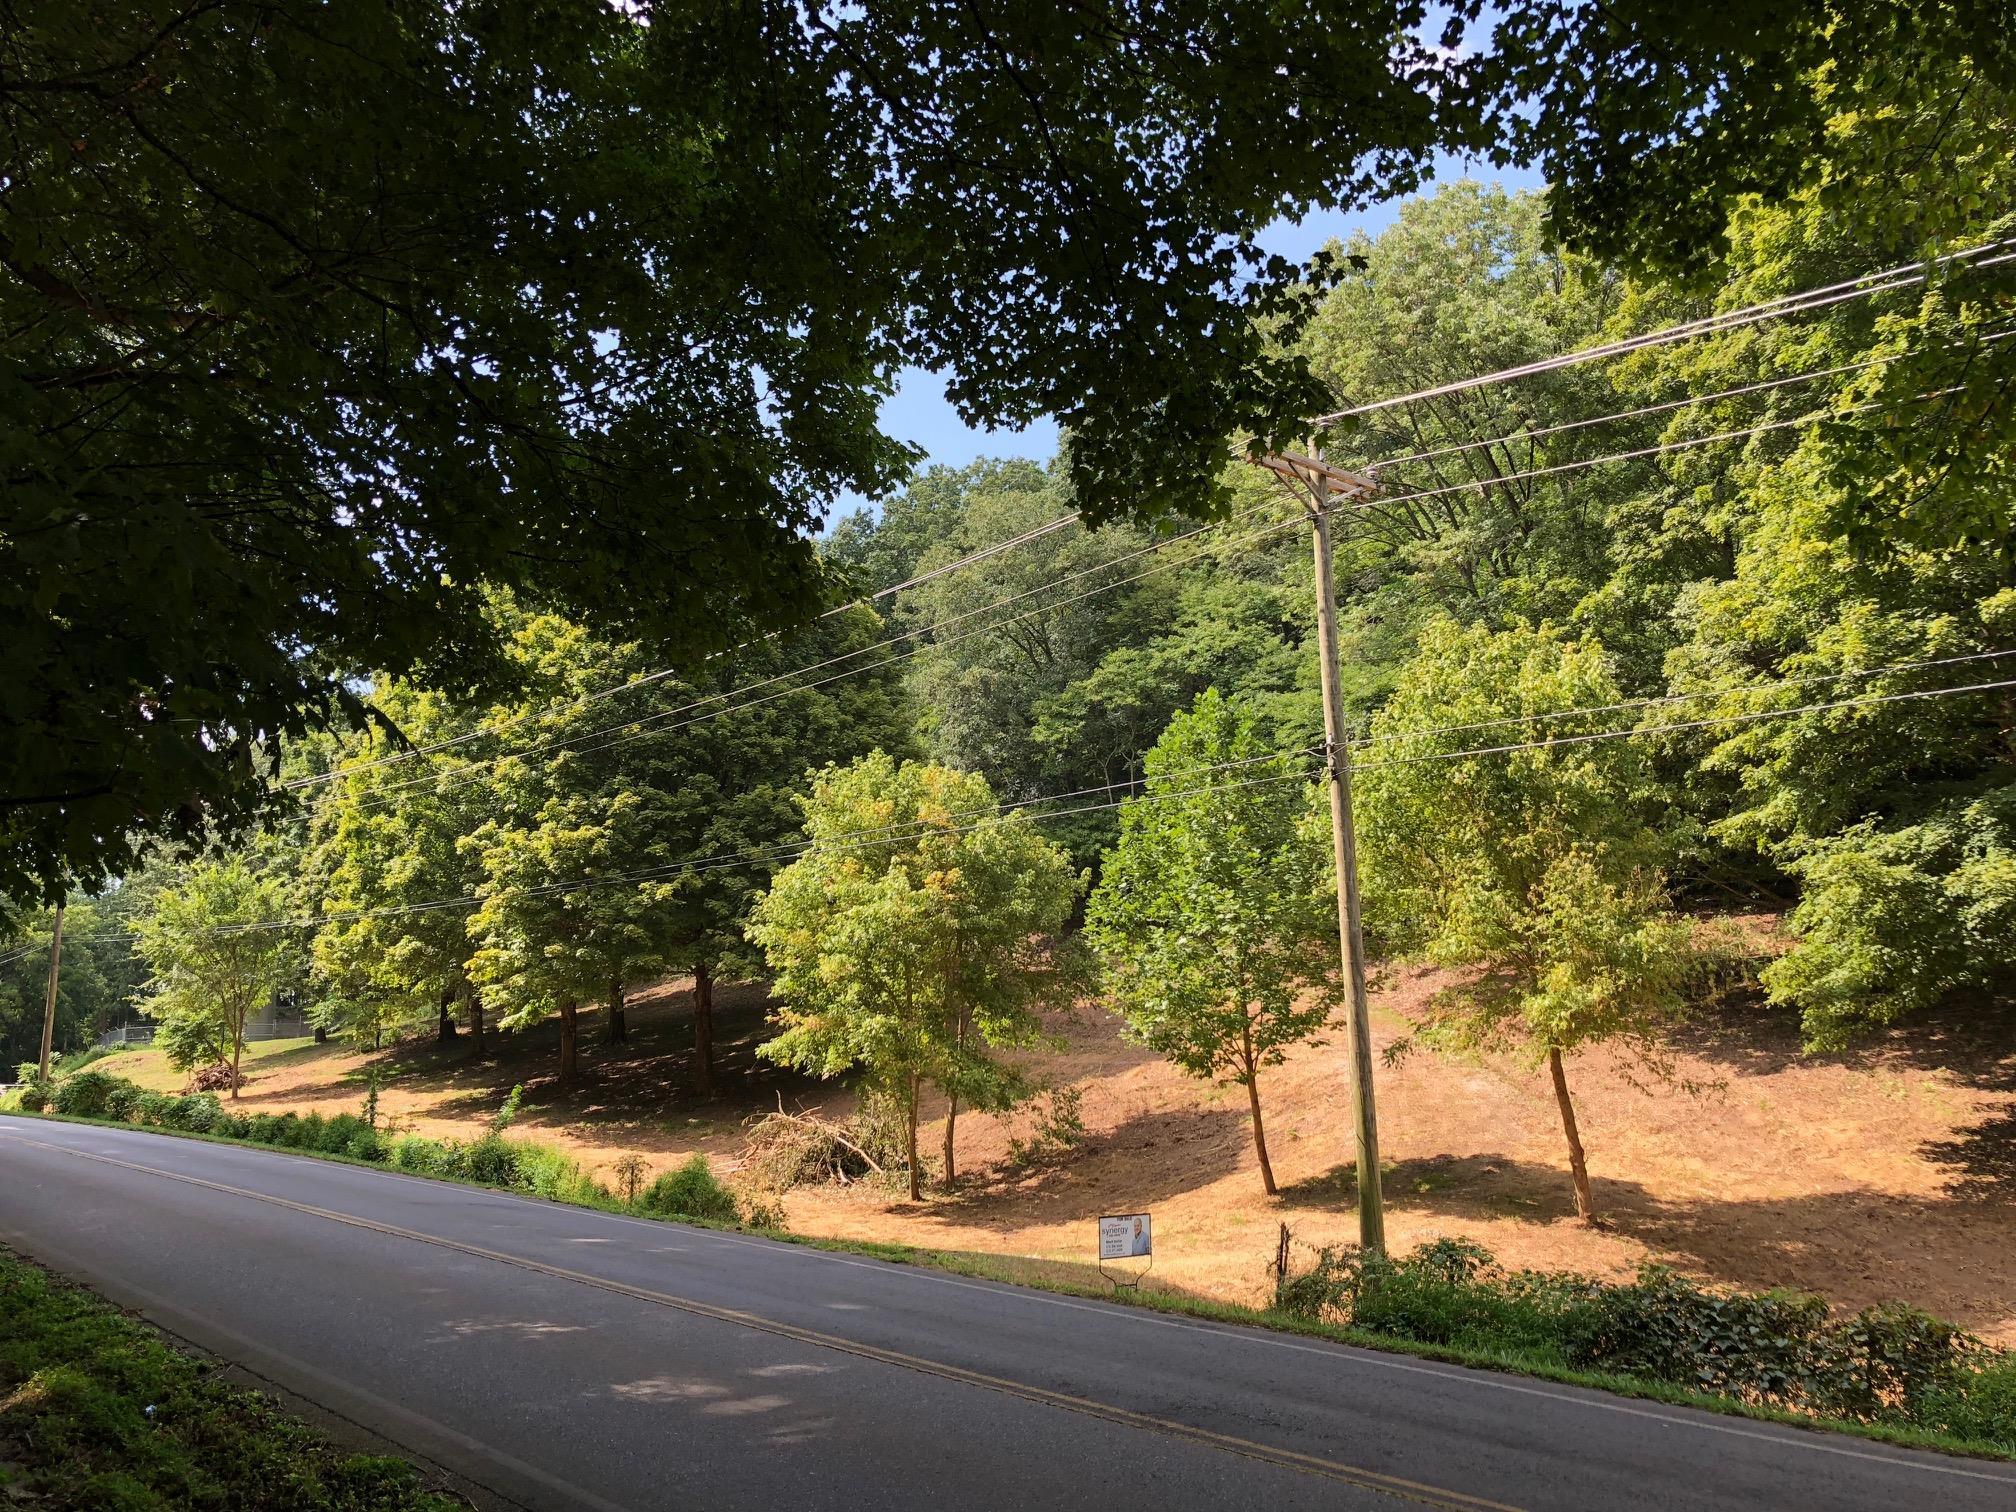 6790 Arno Allisona Rd, College Grove, TN 37046 - College Grove, TN real estate listing